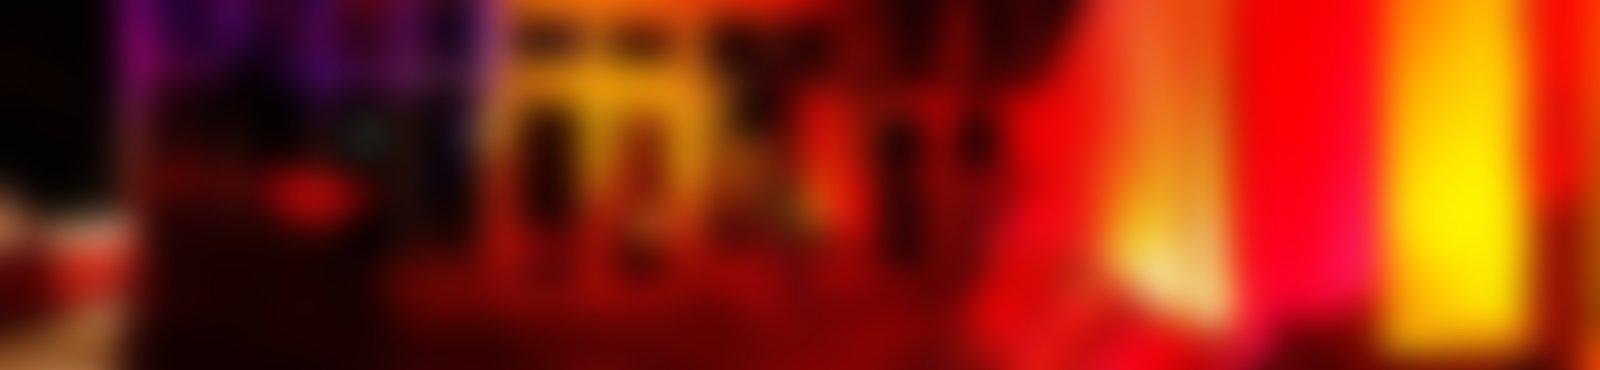 Blurred crystal club